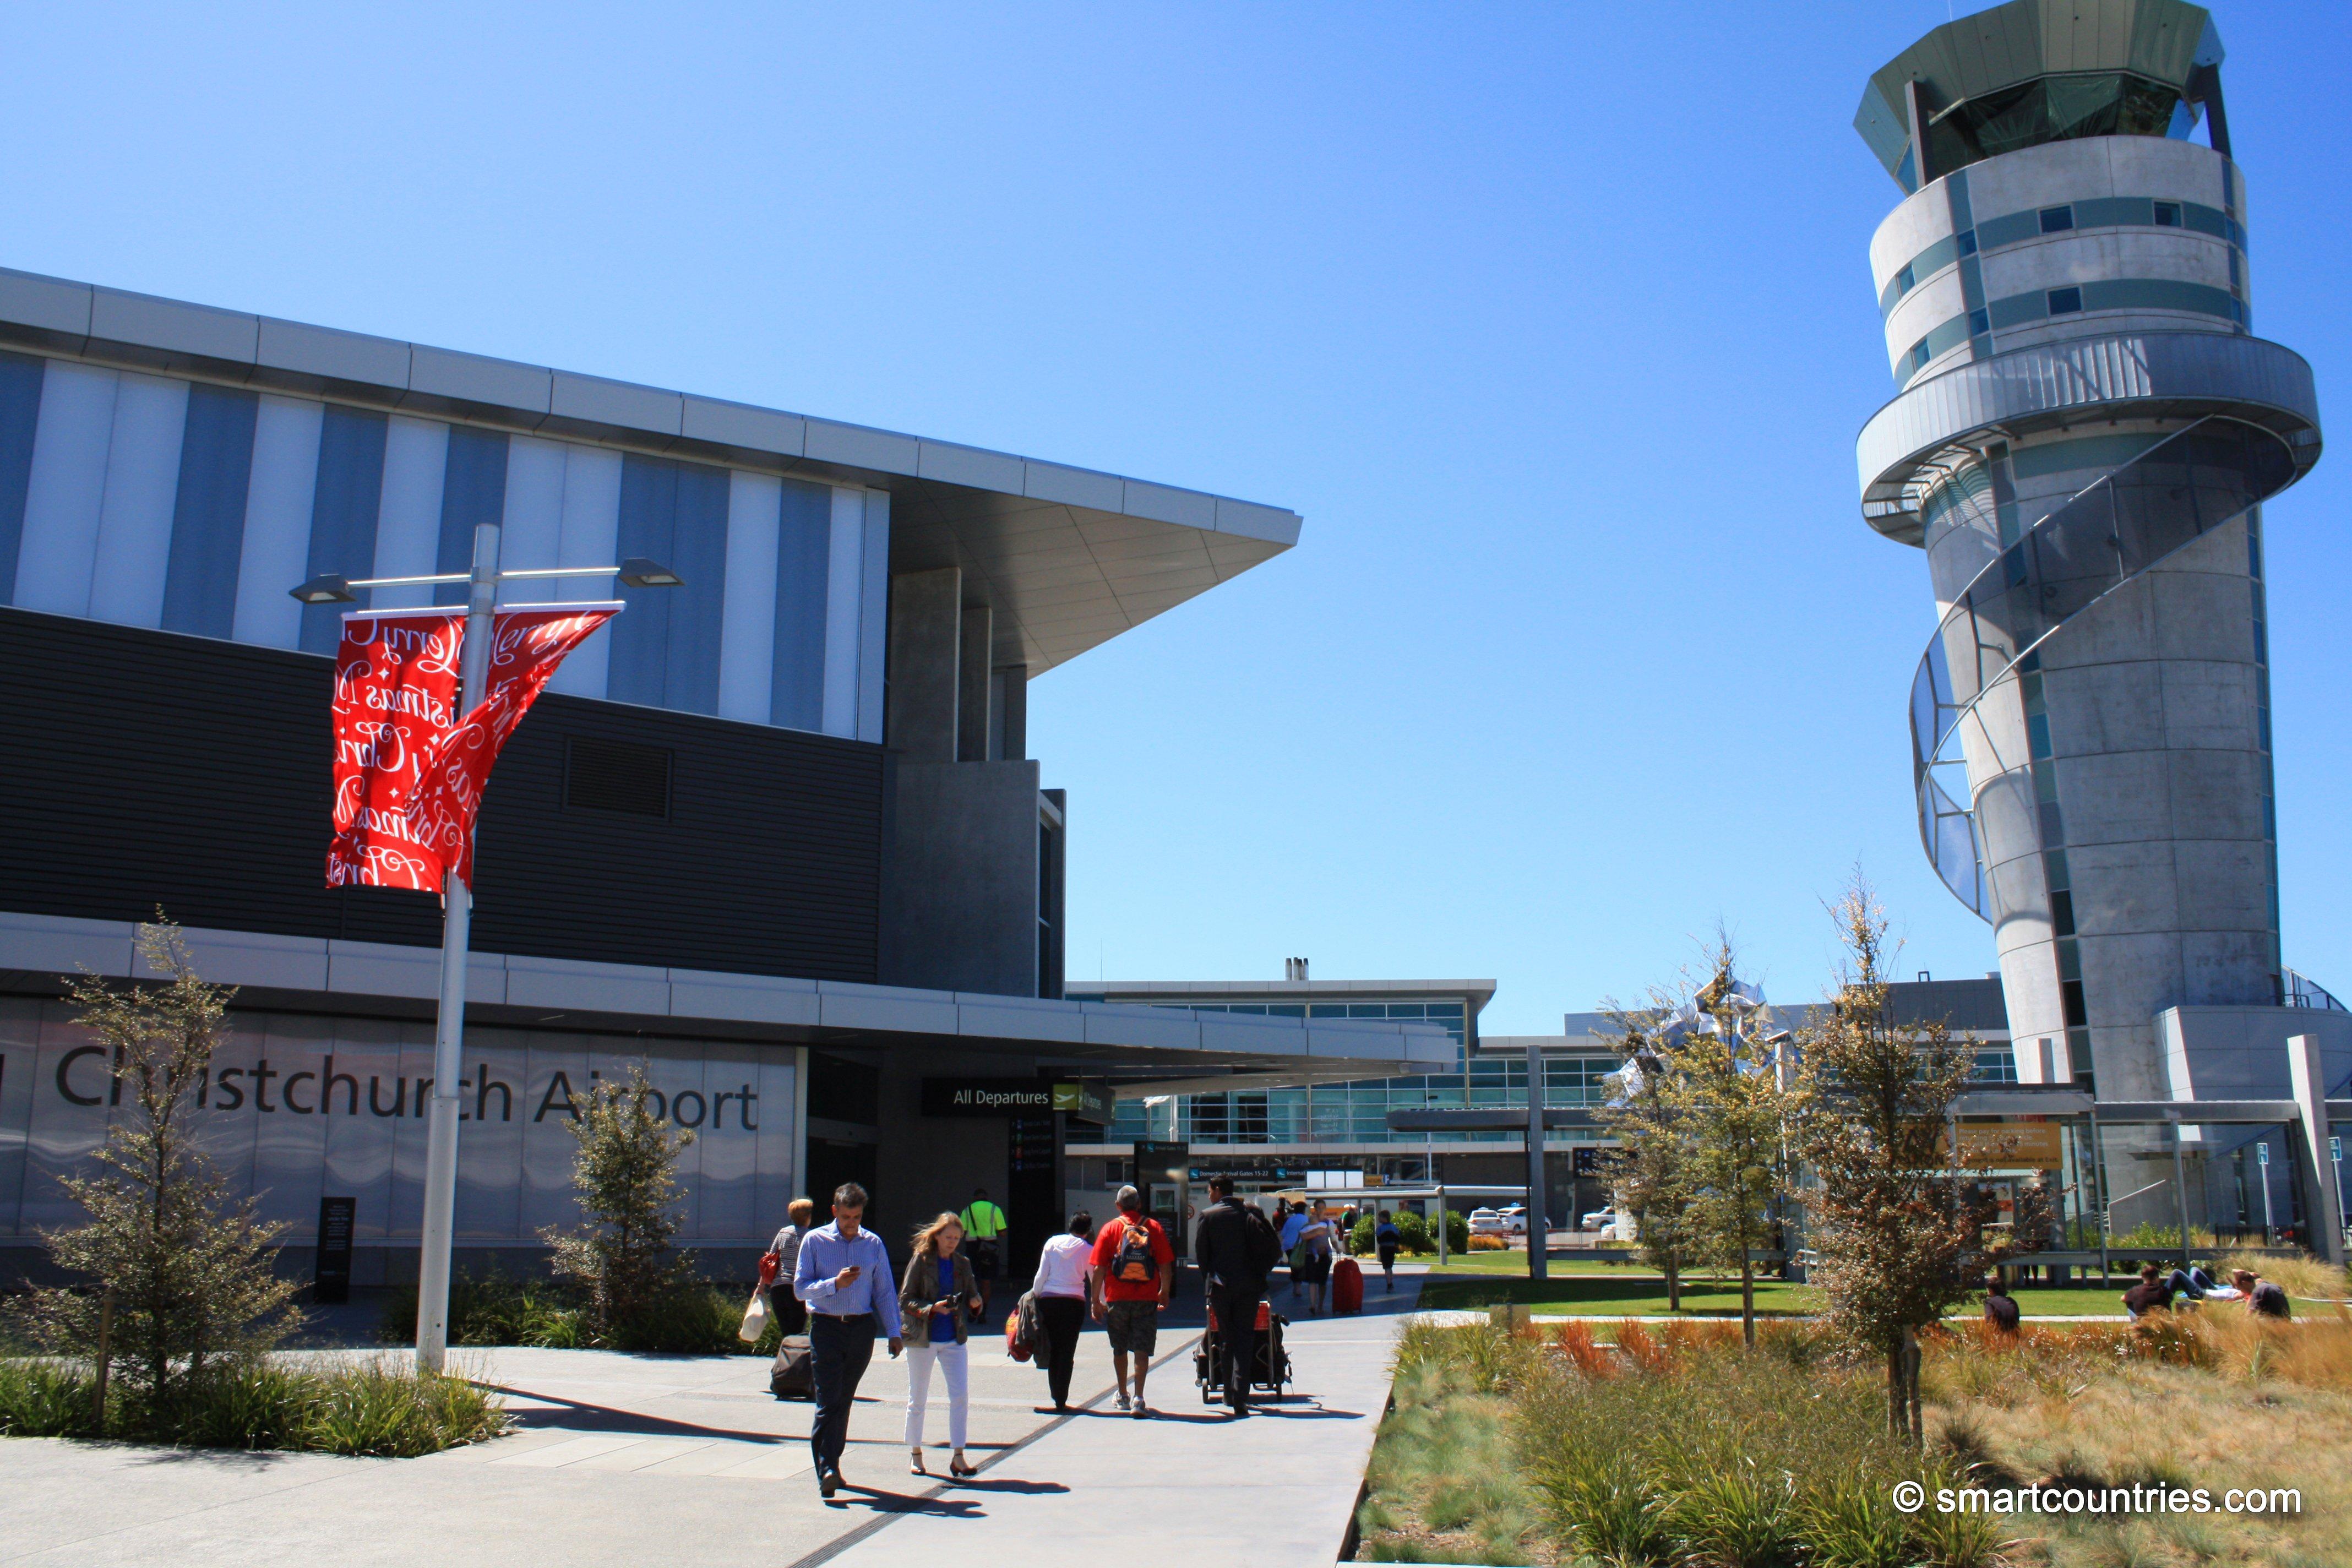 Christchurch New Zealand Twitter: Christchurch Airport